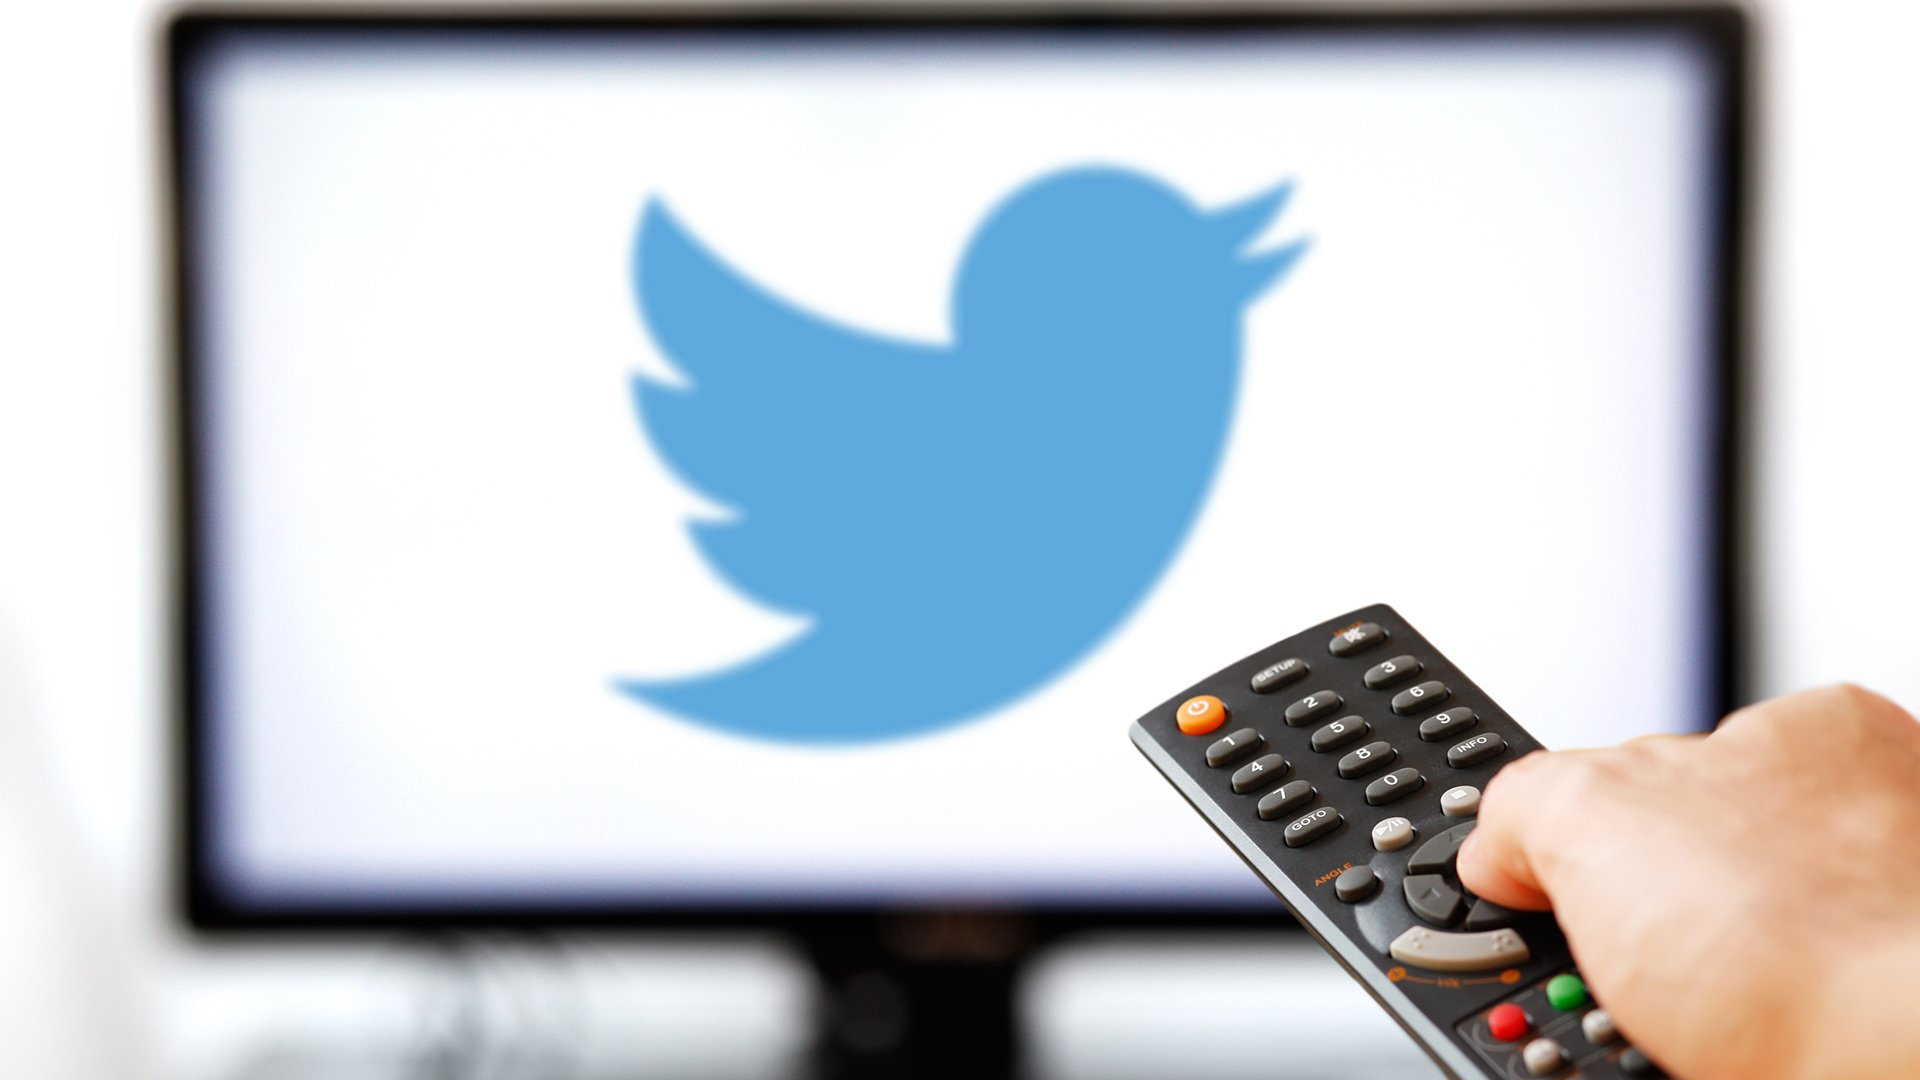 1-ый клиент Твиттер, для которого запустят круглосуточный новостной канал